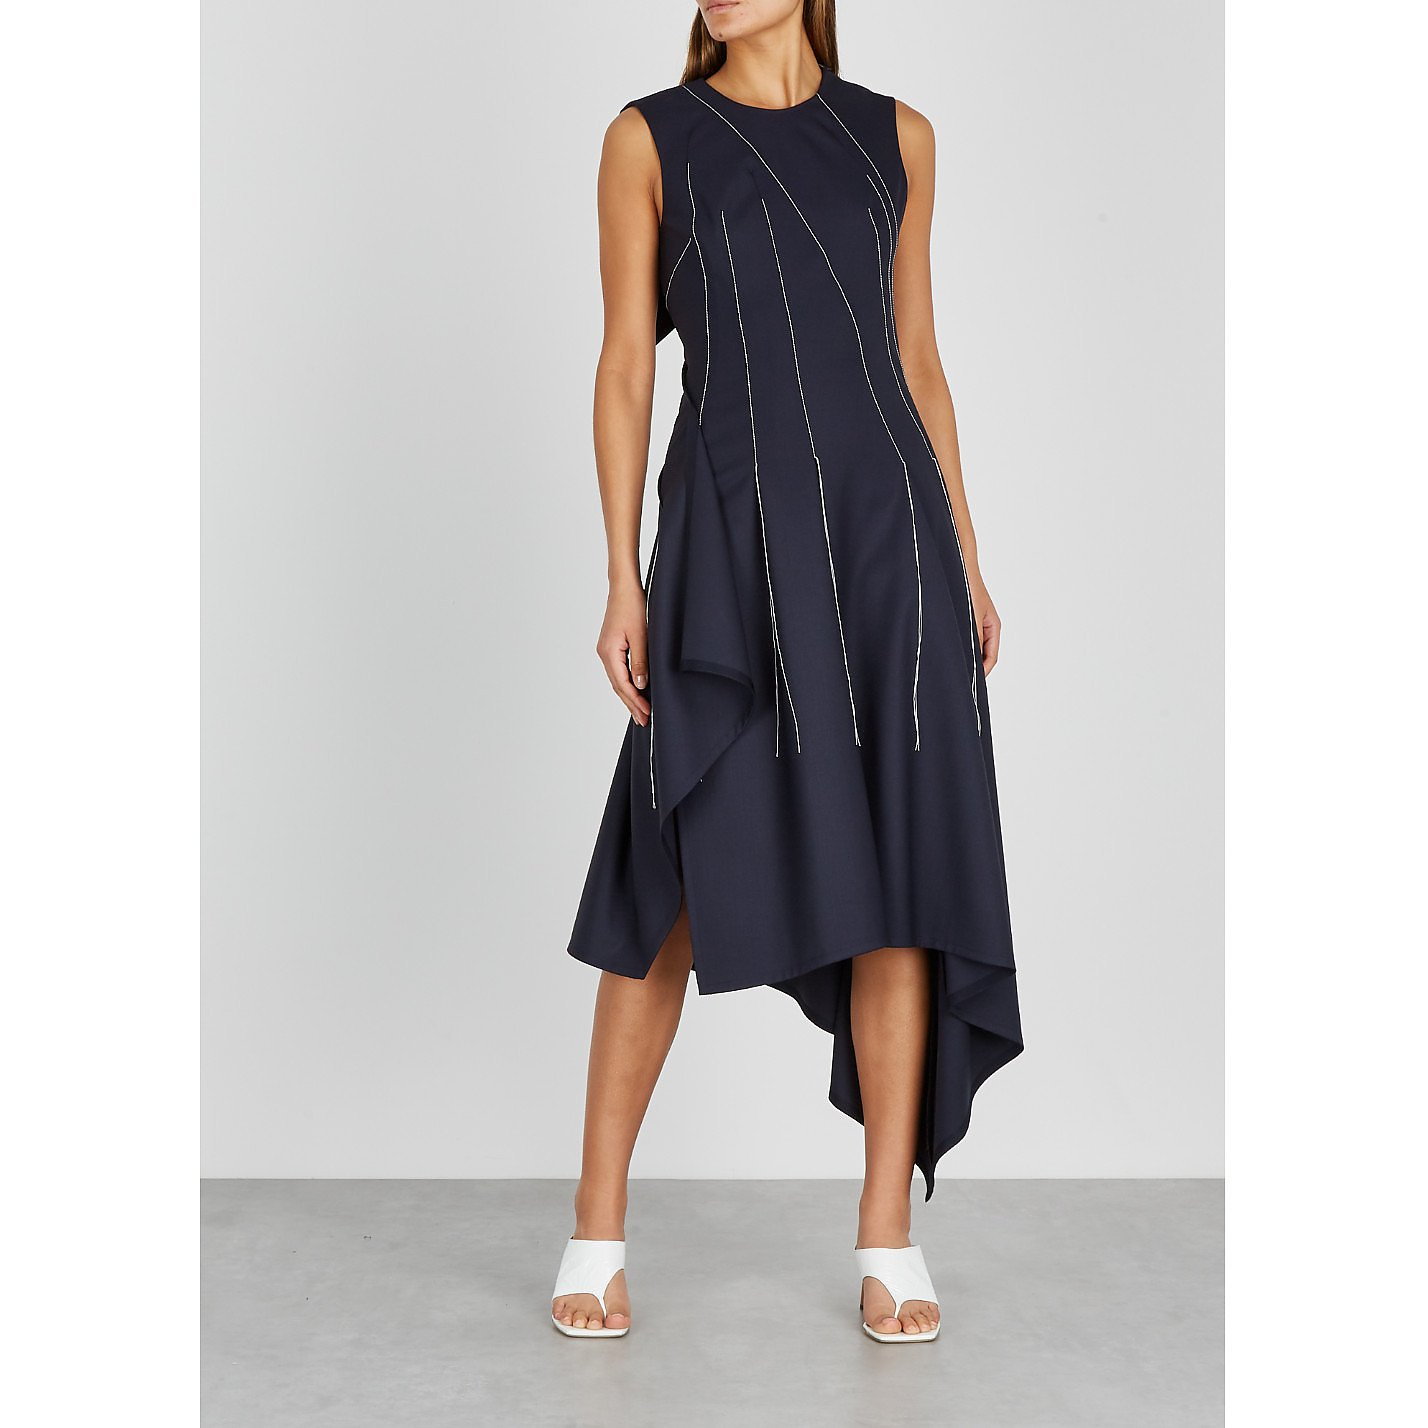 MONSE Falling Threads Dress